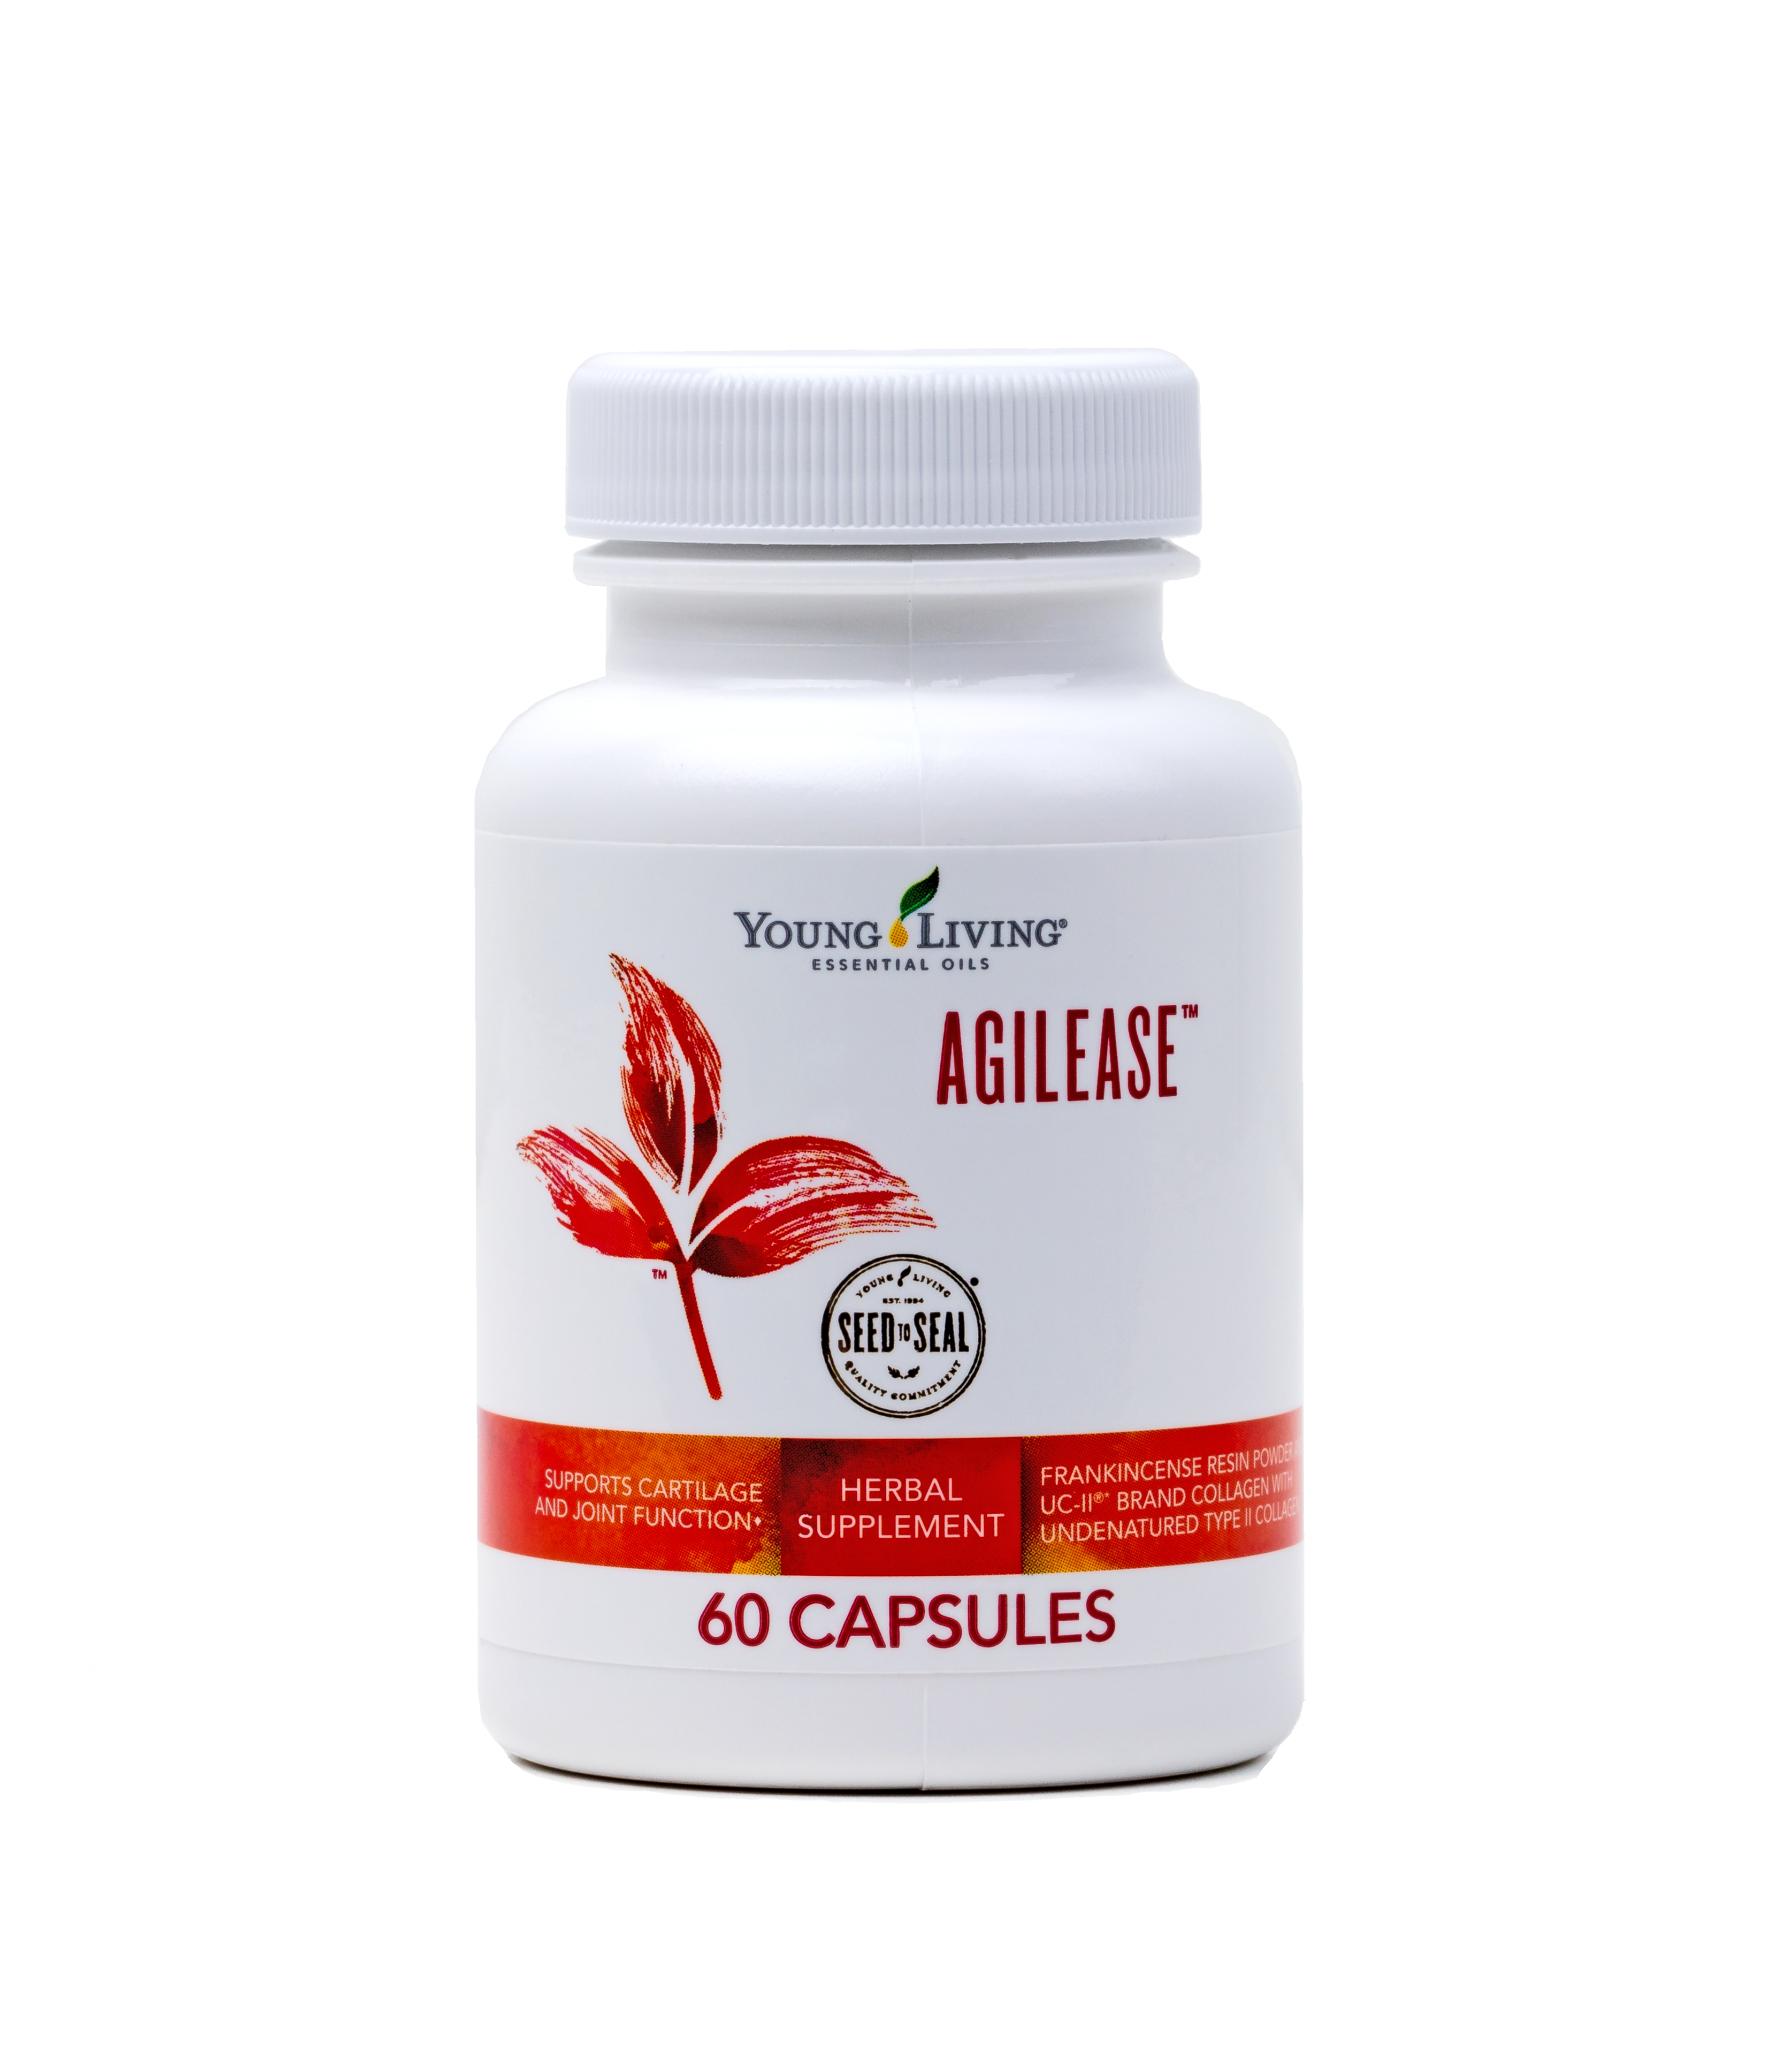 AgileEase joint health